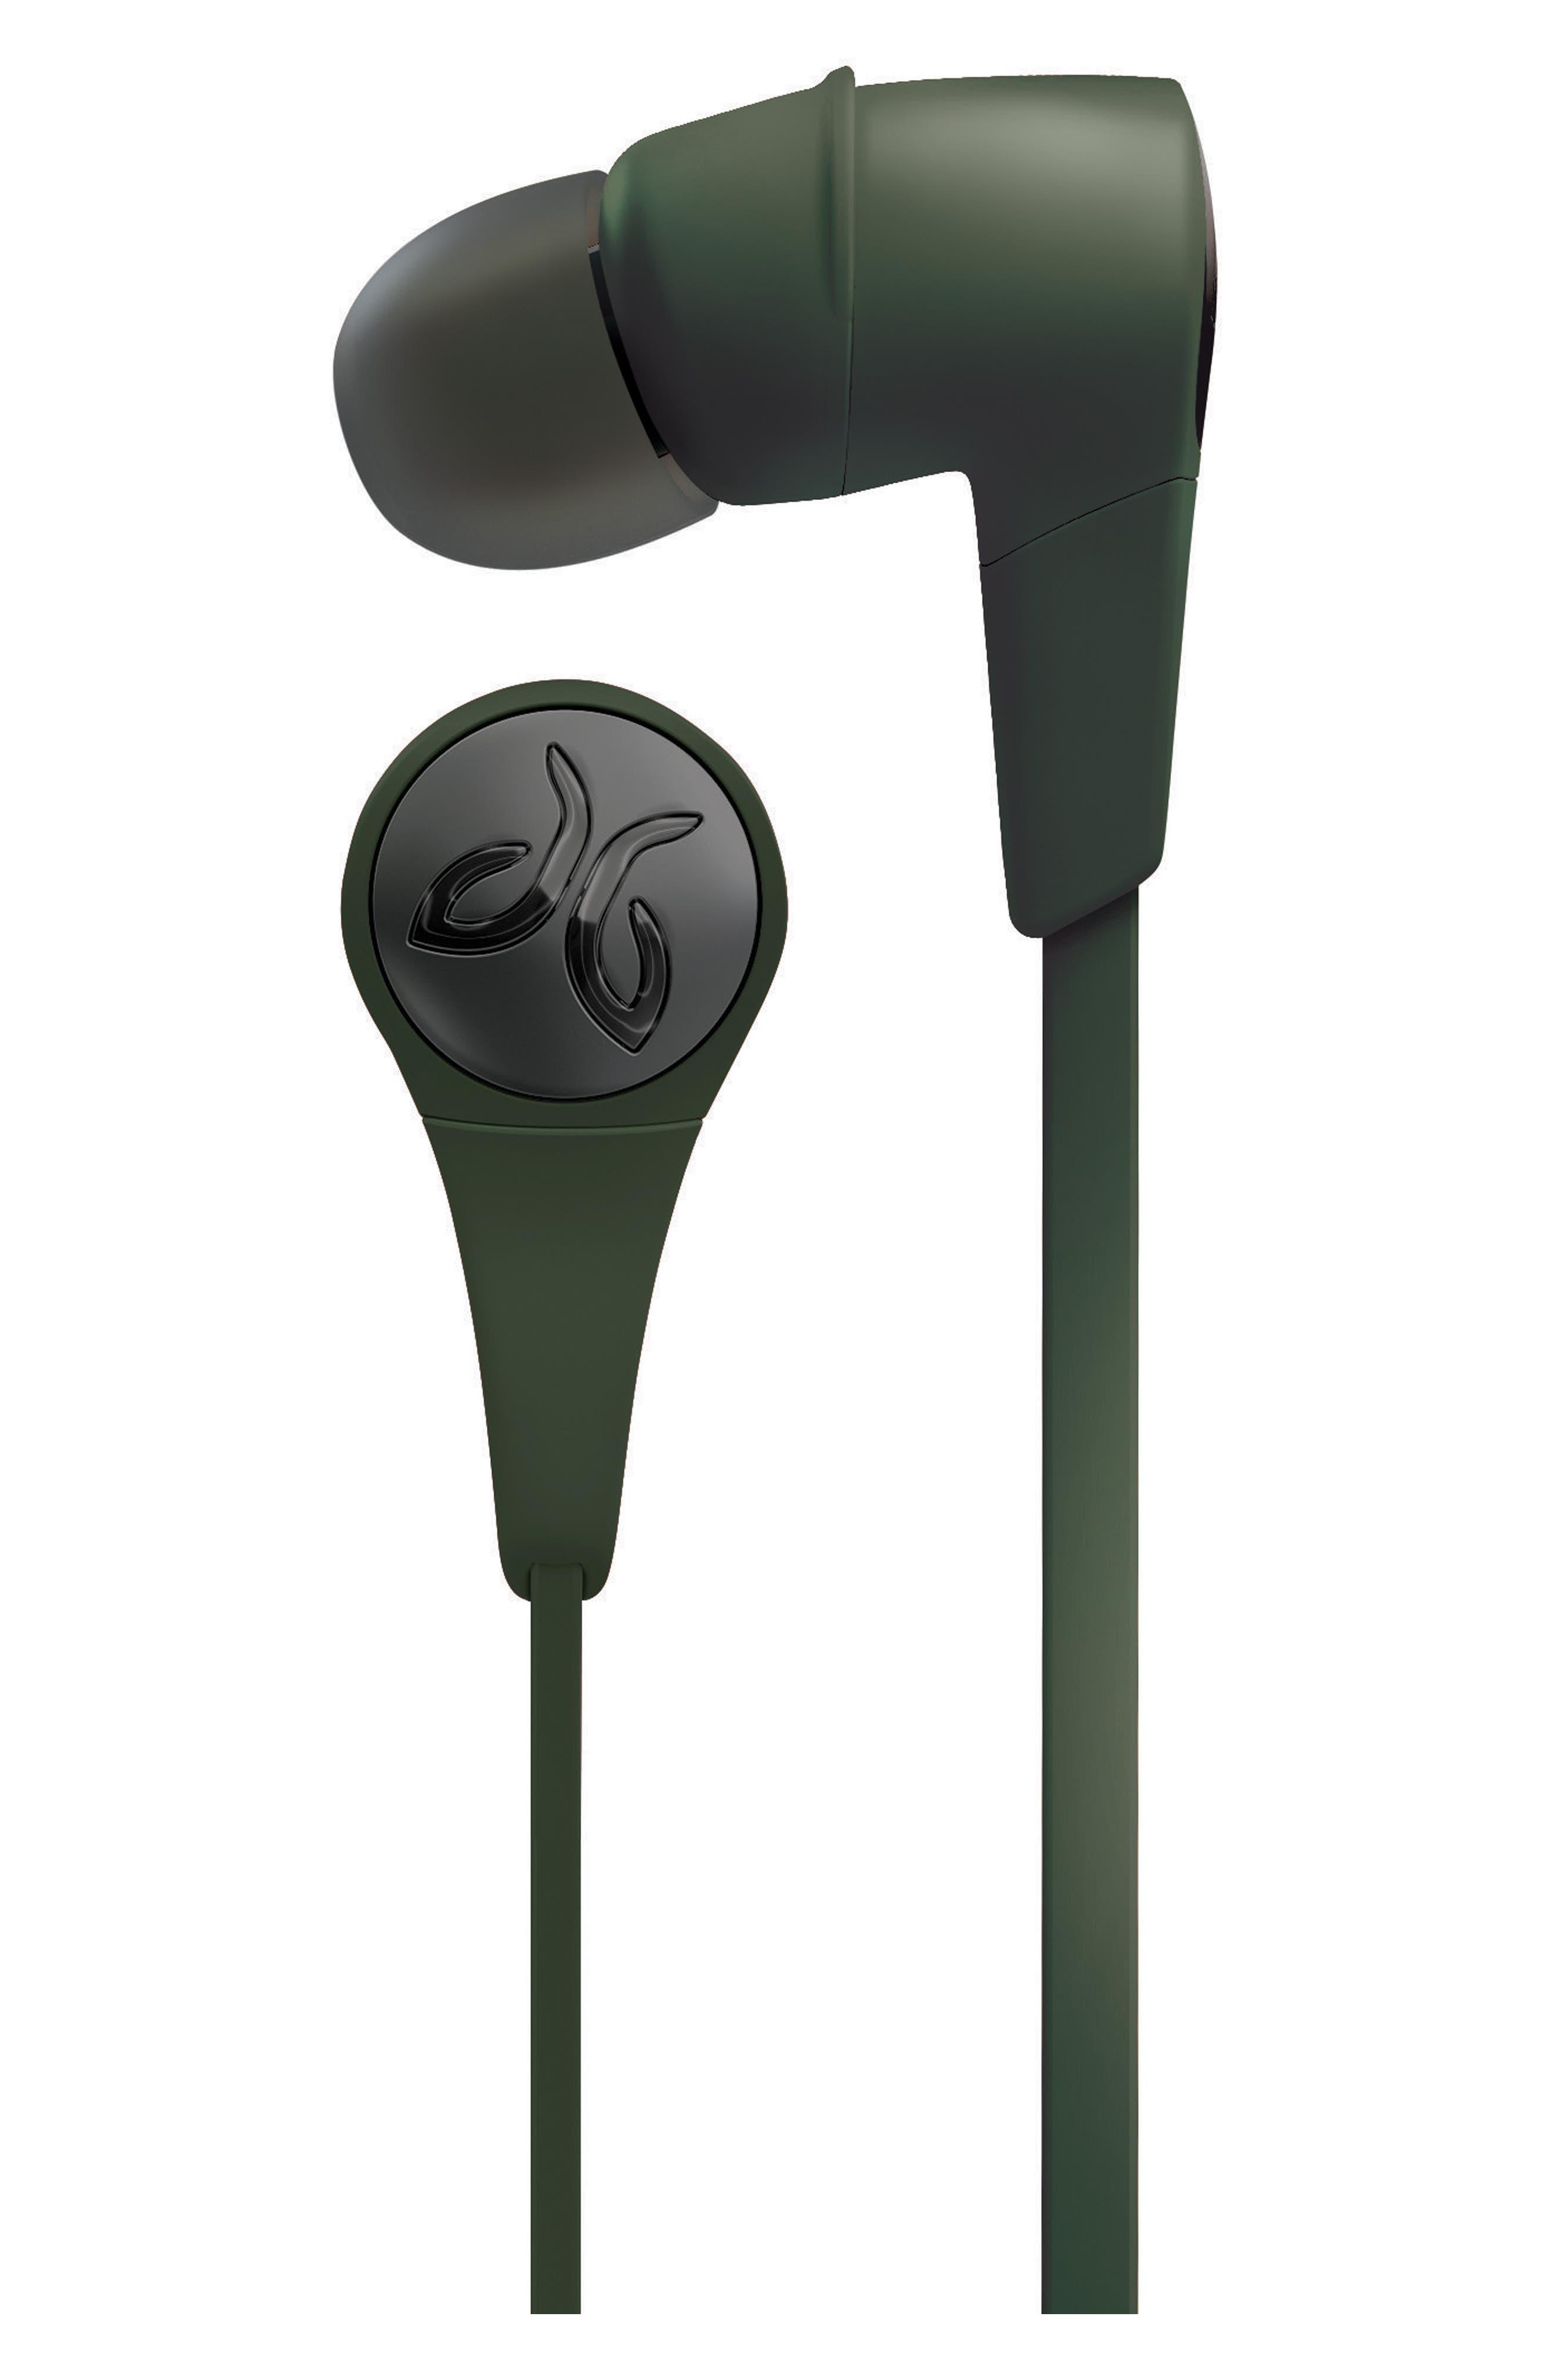 Main Image - Jaybird x3 Sport BT Wireless Earbuds